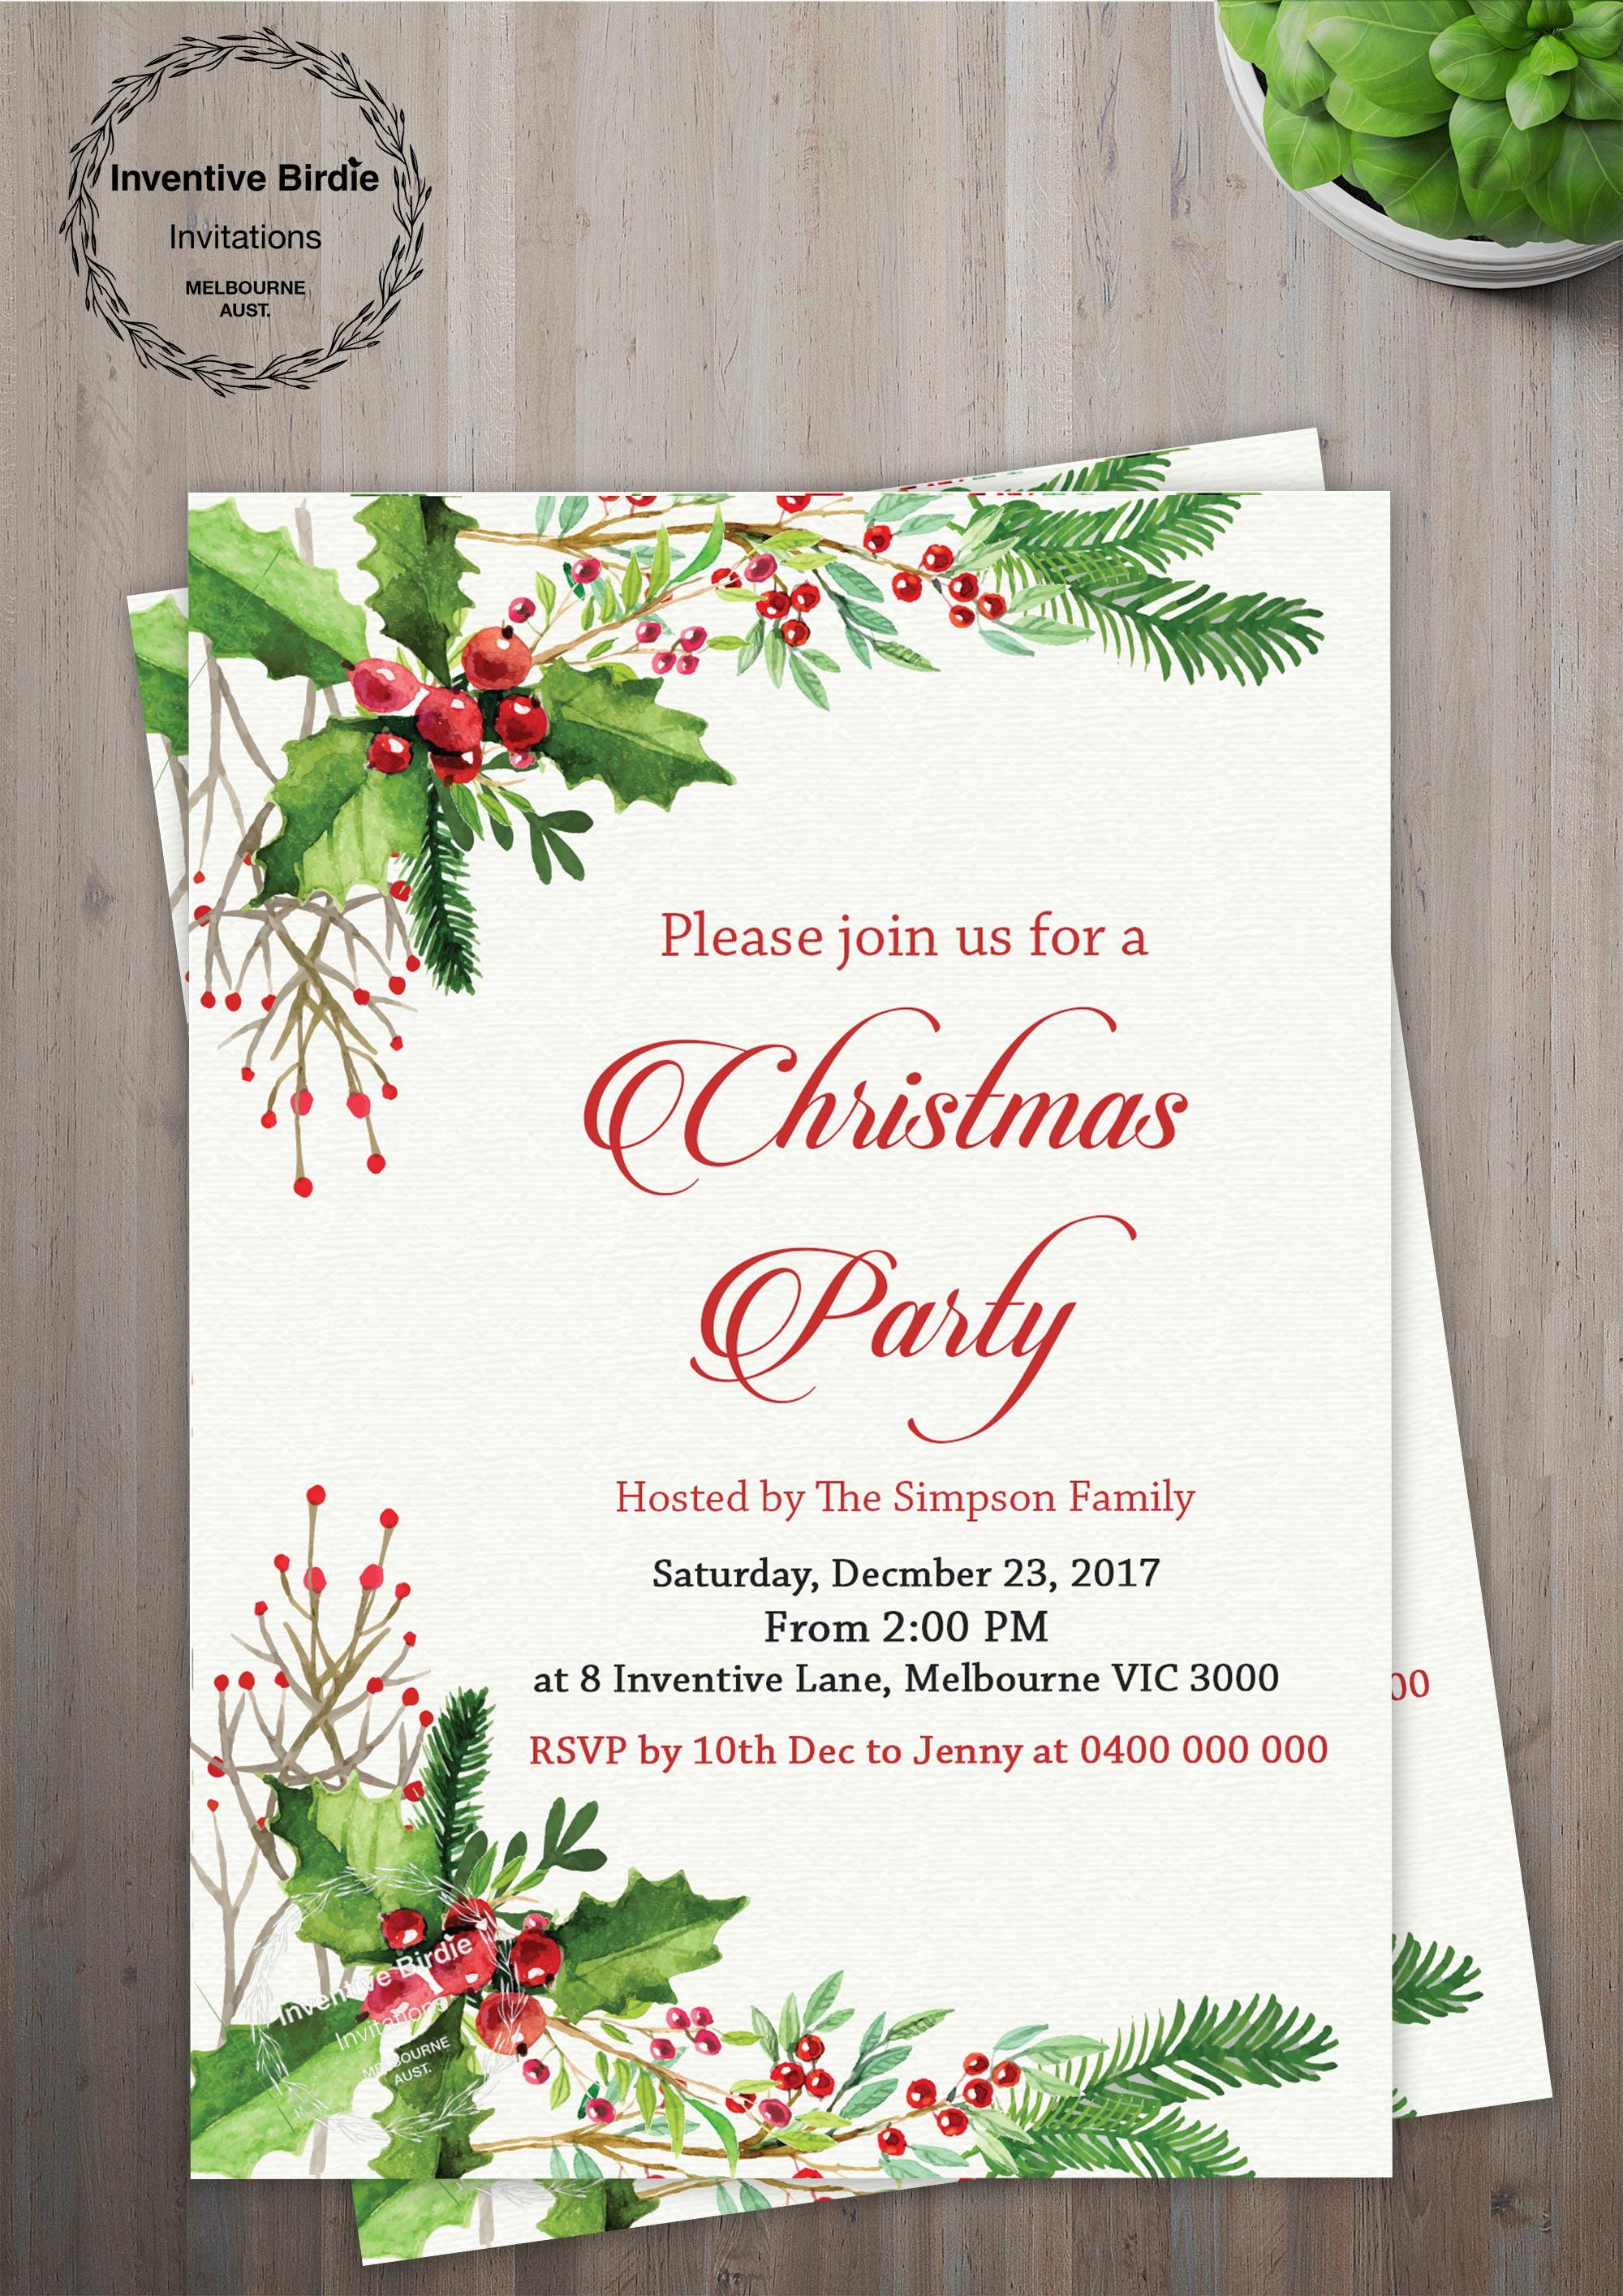 CHRISTMAS PARTY INVITATION Festive Holiday Party Invitation